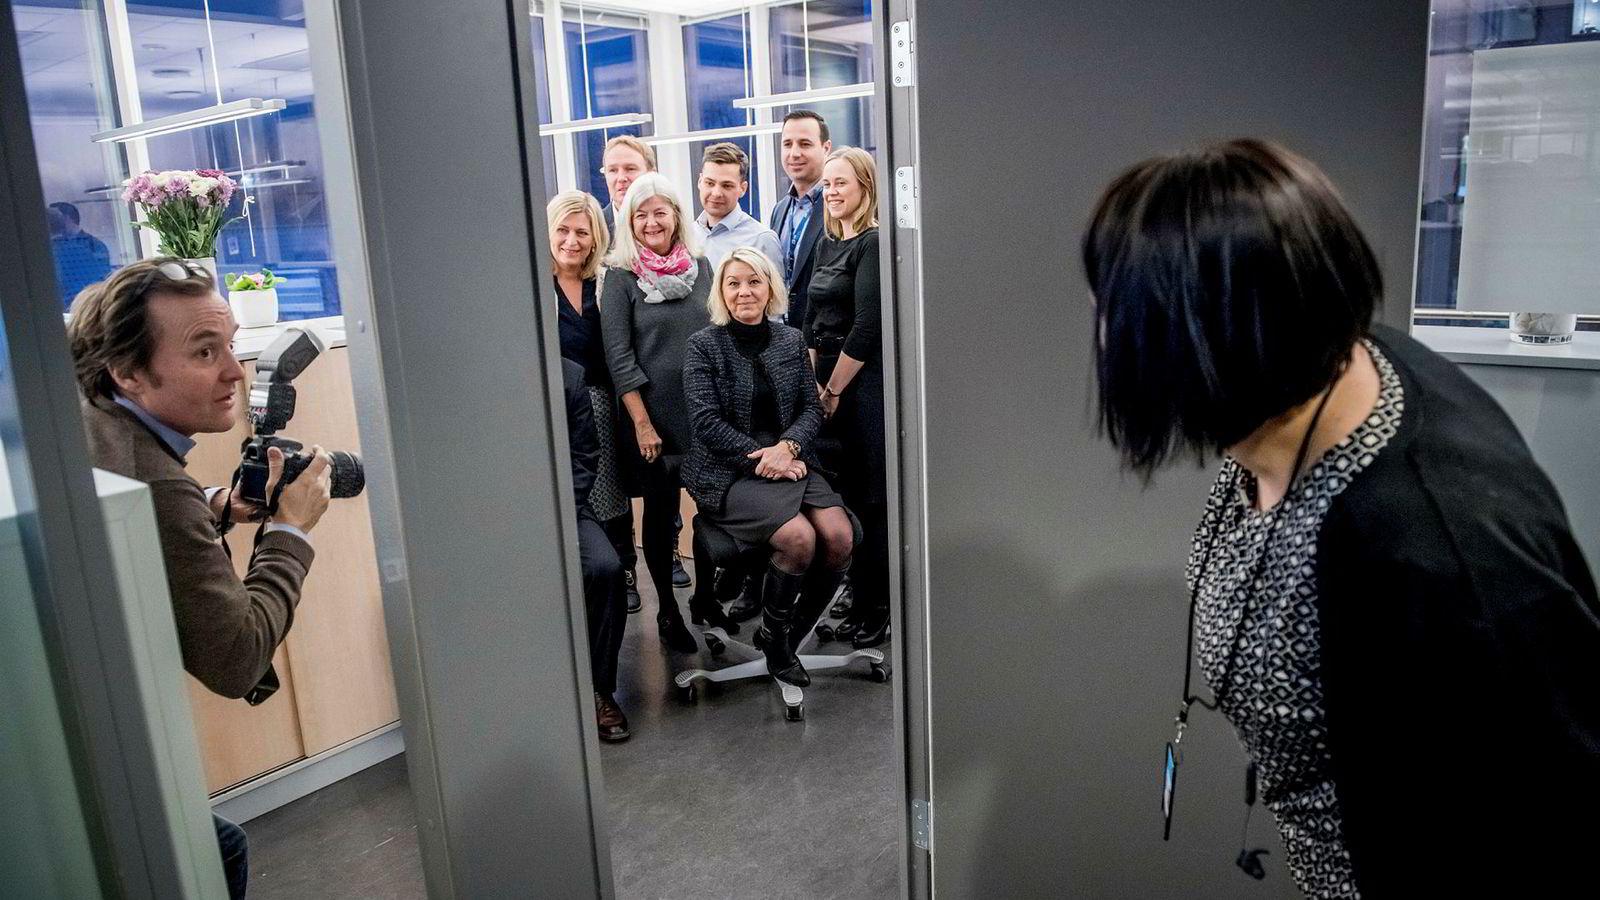 Kommunal- og moderniseringsminister Monica Mæland besøkte statens innkjøpingssentral for å høre om tresifrede millioninnsparinger ved å samle statens innkjøp i storkontrakter. Foran til høyre: Sol Daler Stafsnes, kommunikasjonsrådgiver i Difi.